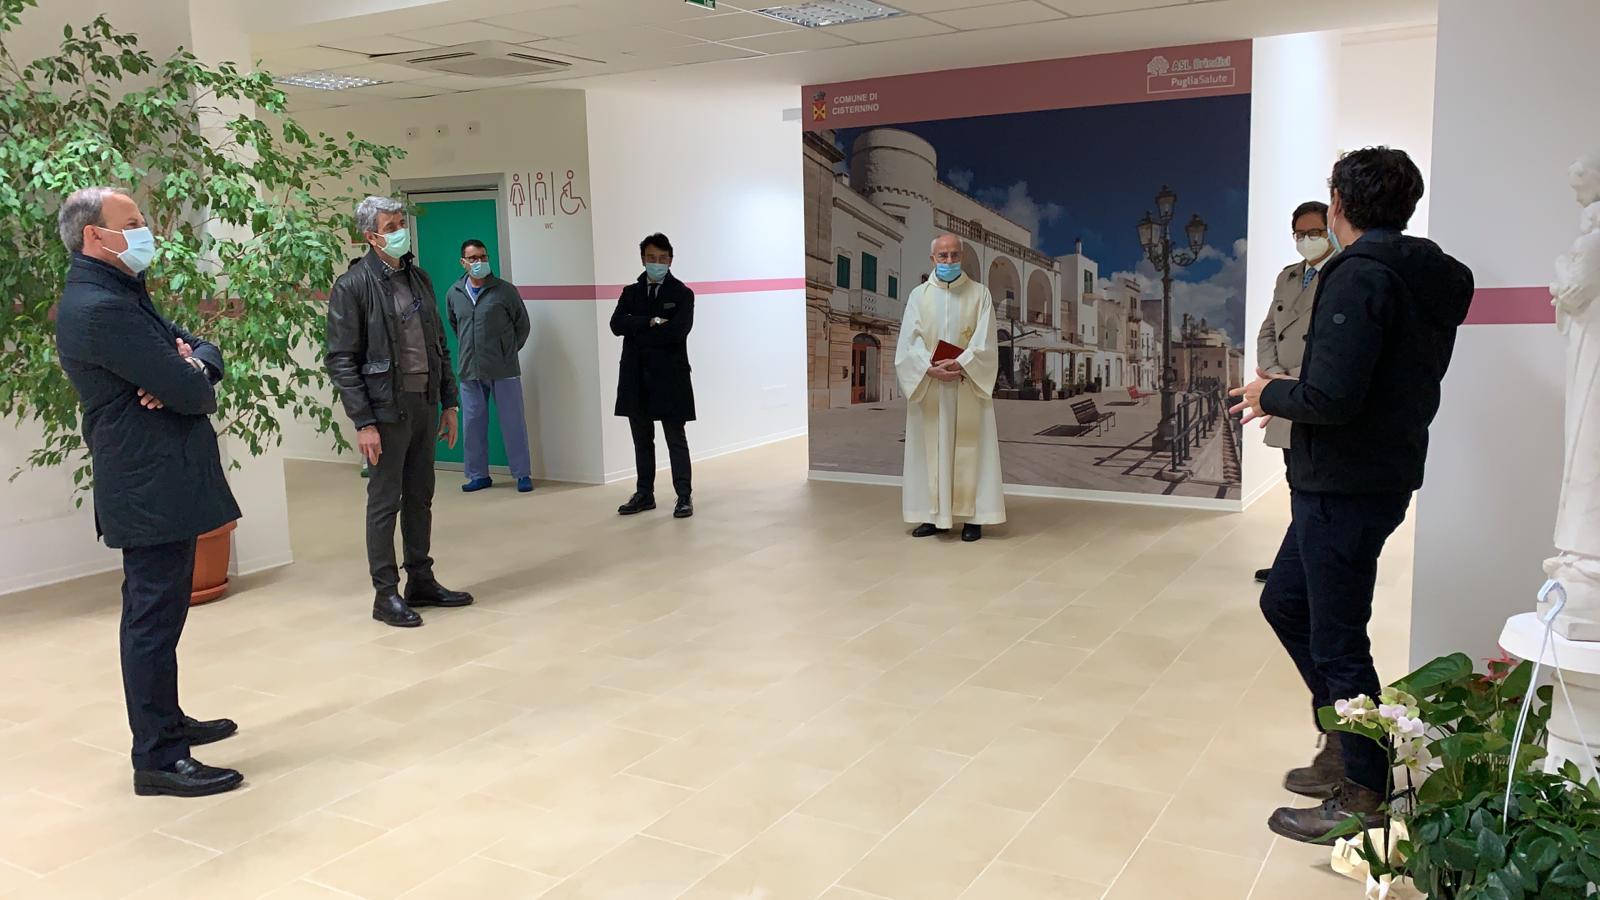 inaugurazione centro covid